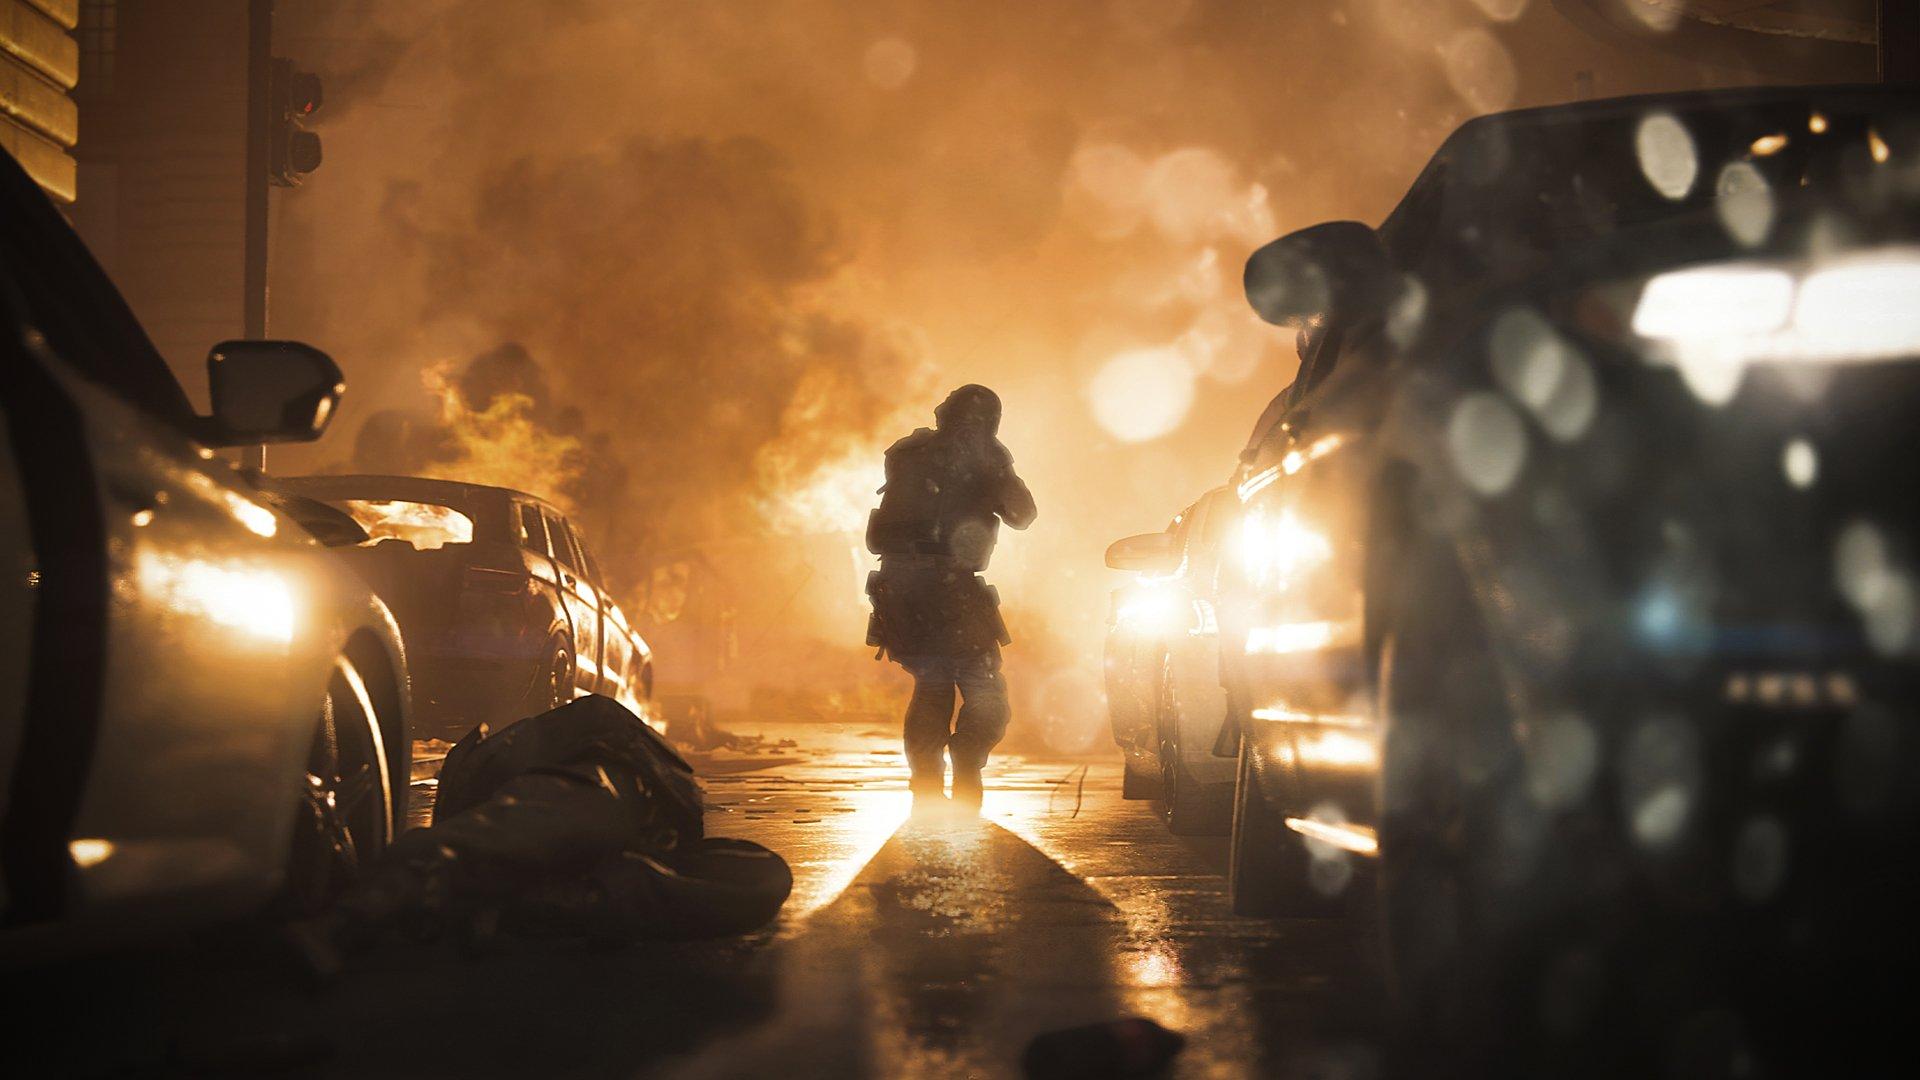 modern-warfare-image.jpg